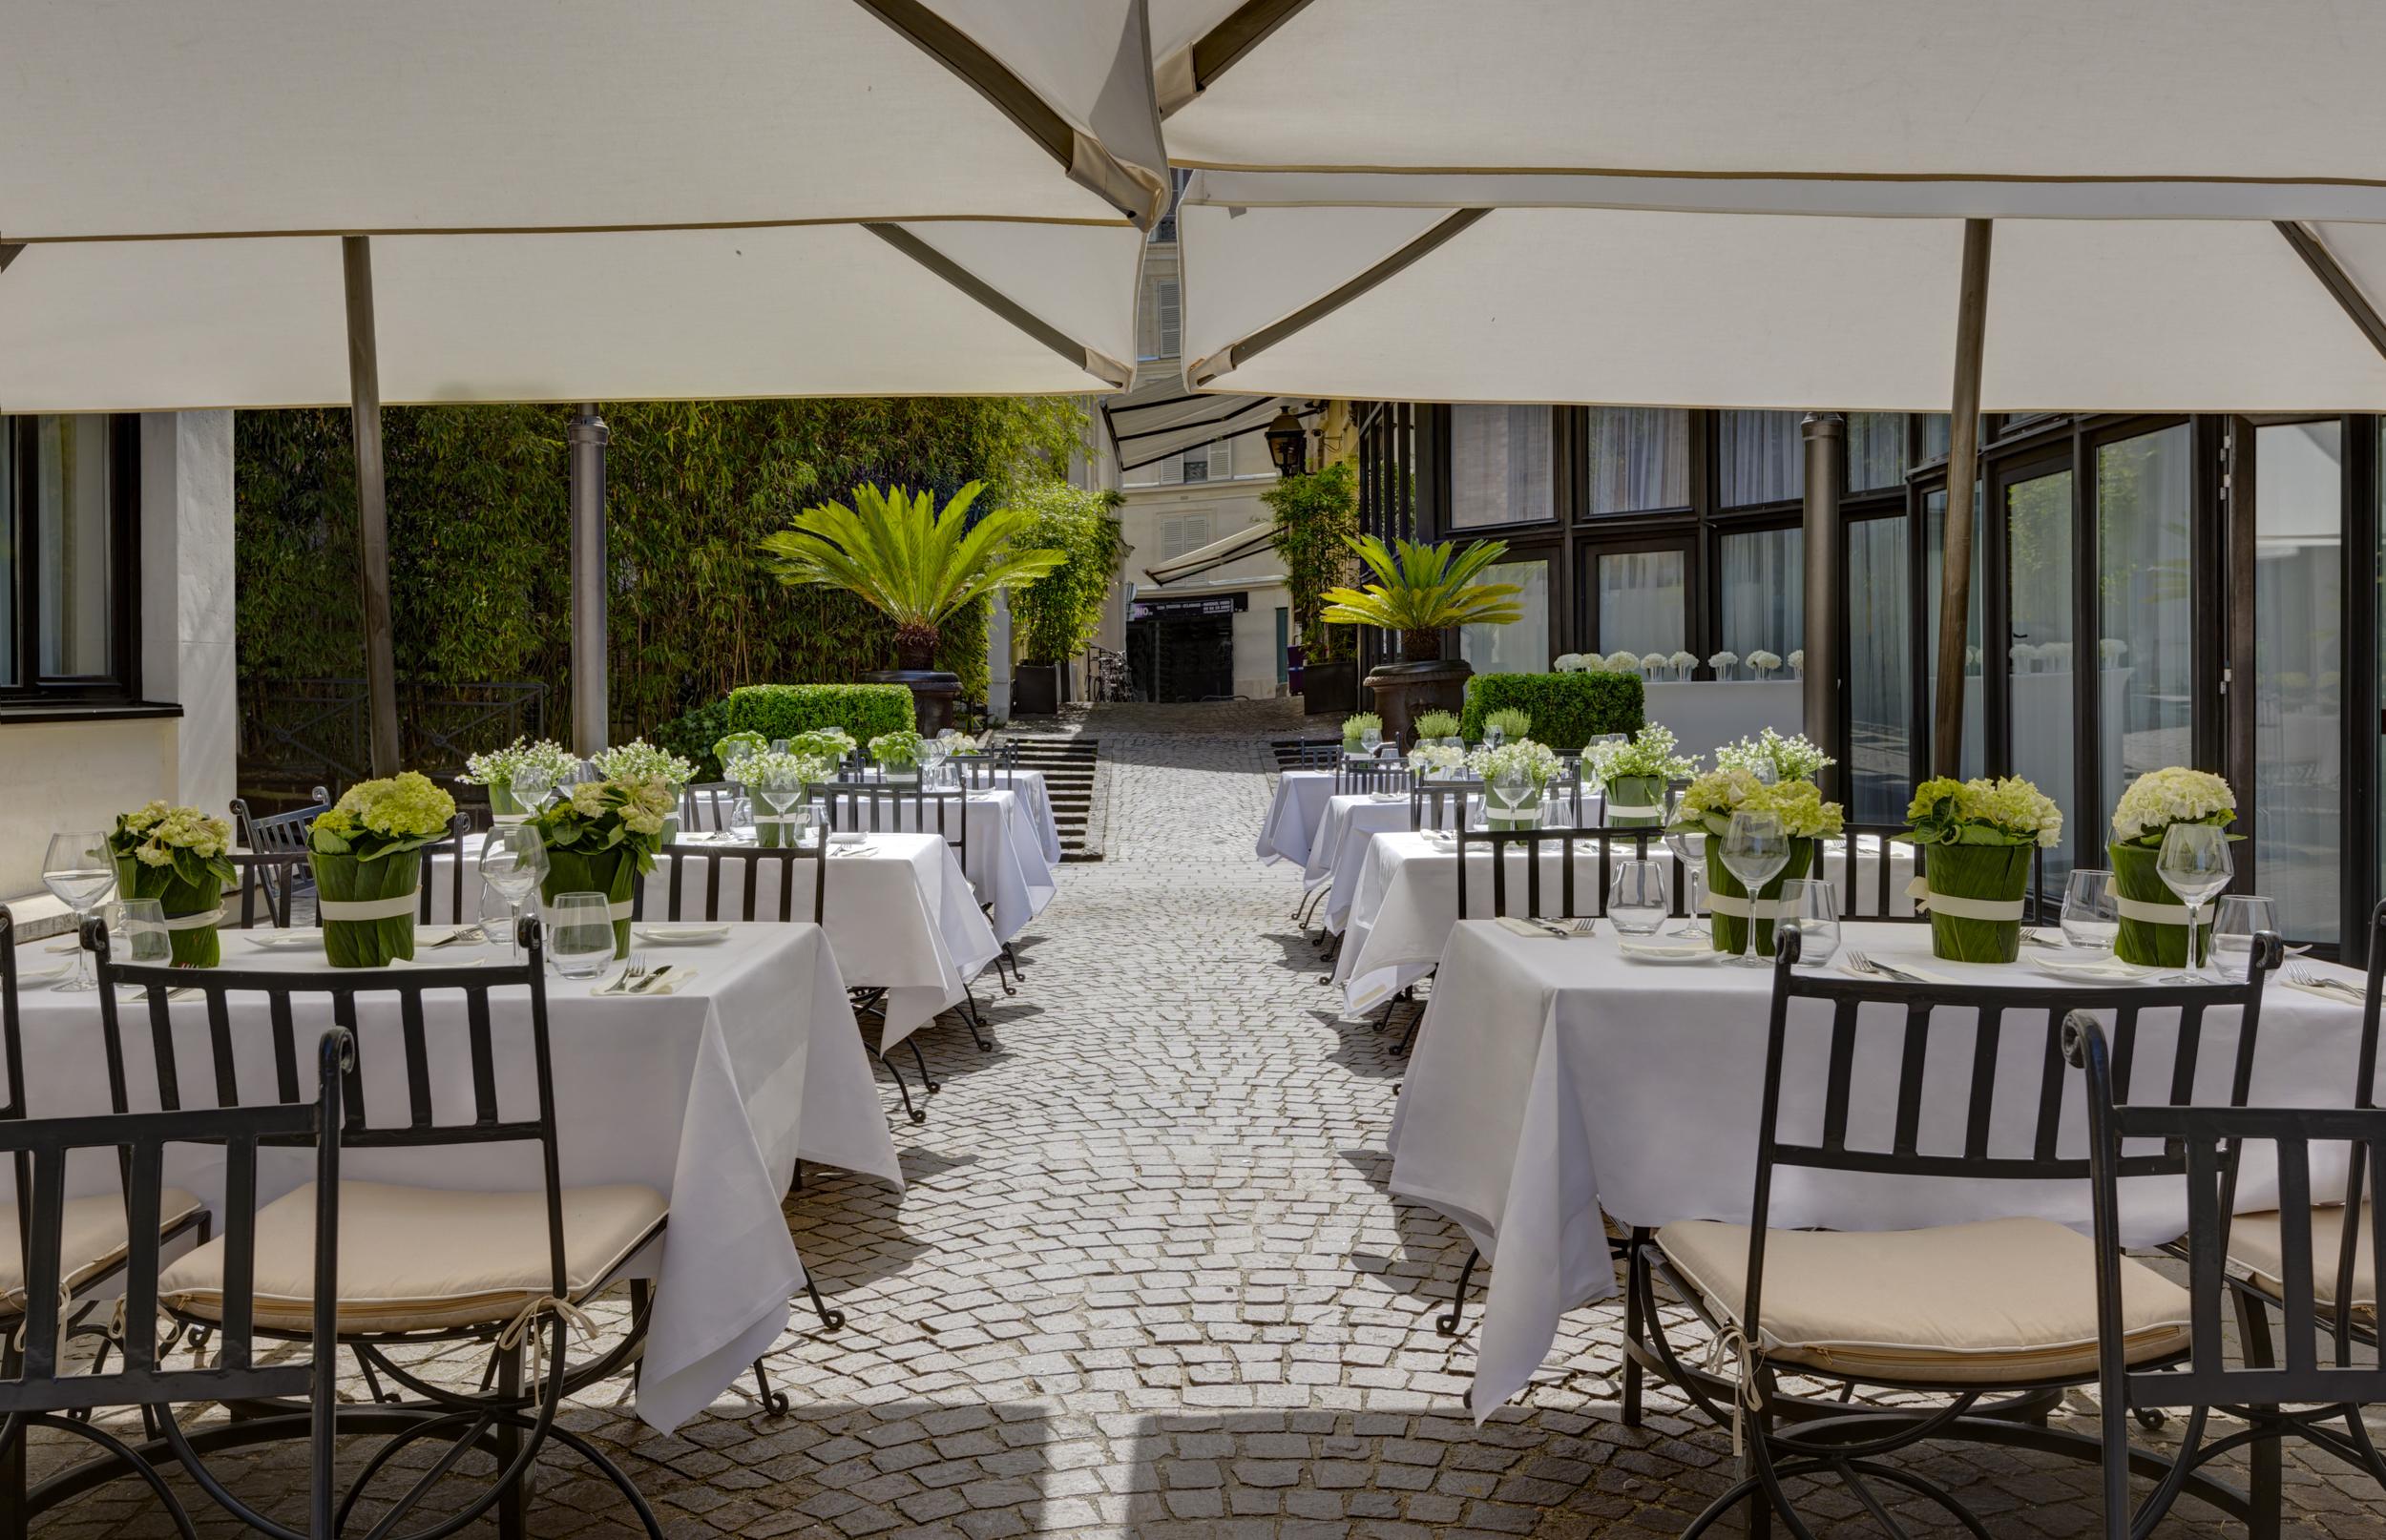 La terrasse de 1500 m2 des jardins du marais passe l 39 heure d 39 t - Terrasse jardin marais villeurbanne ...